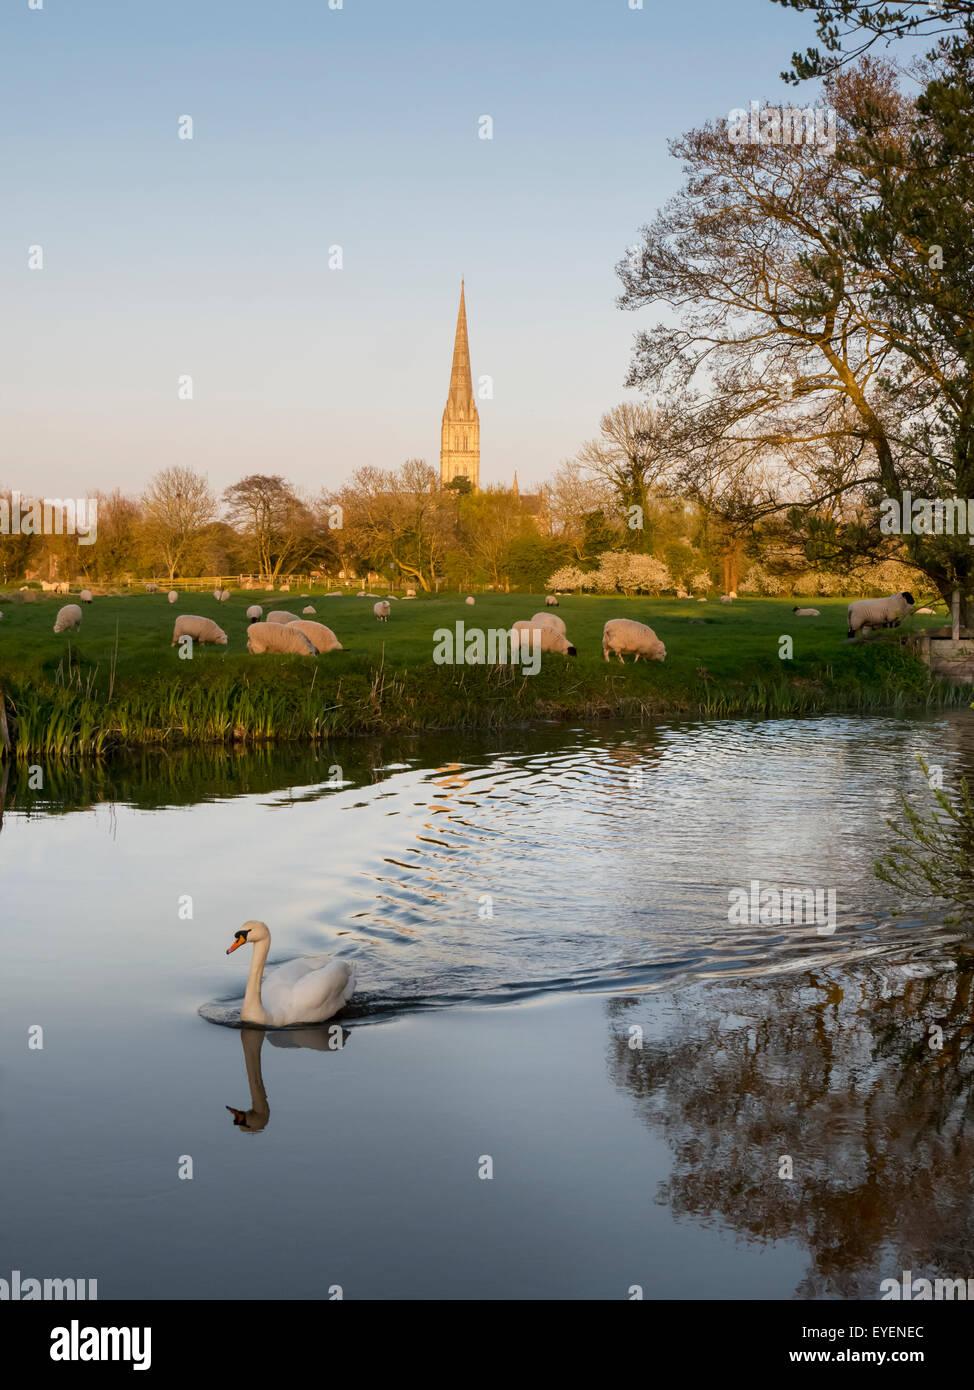 Kathedrale von Salisbury mit weidenden Schafen und ein Schwan im Vordergrund; Salisbury, Wiltshire, England Stockfoto